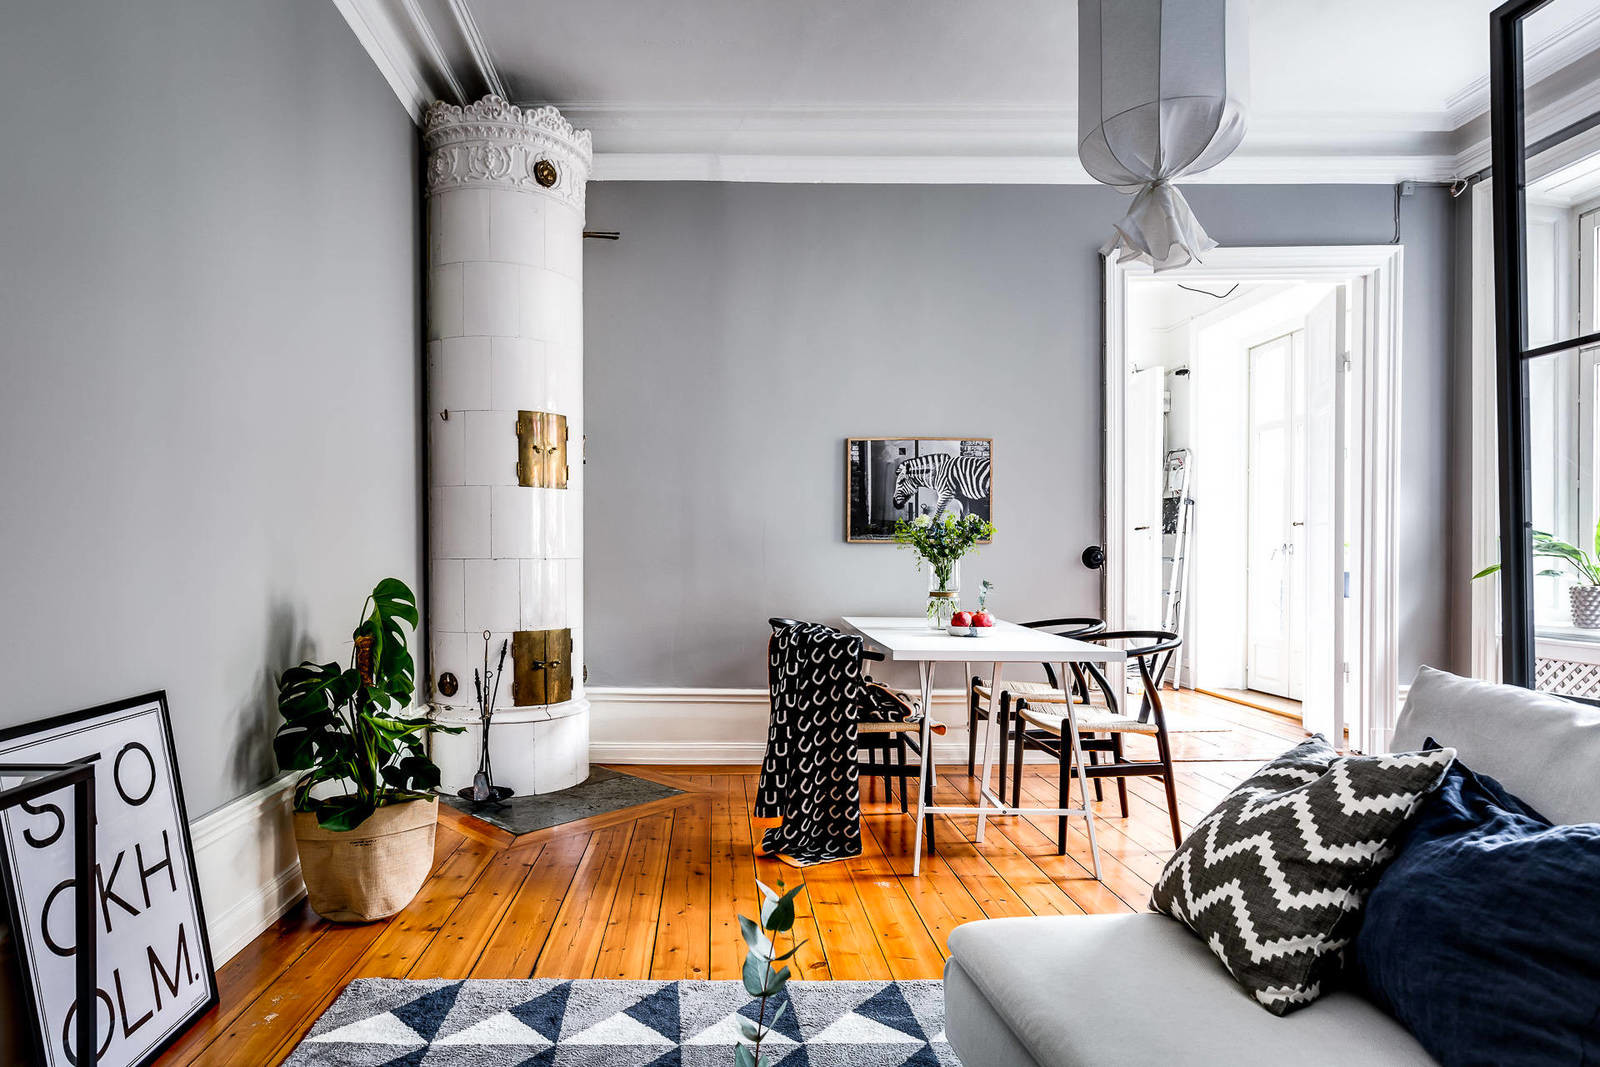 Дизайн интерьера дома или квартиры в скандинавском стиле - черты, идеи, фото